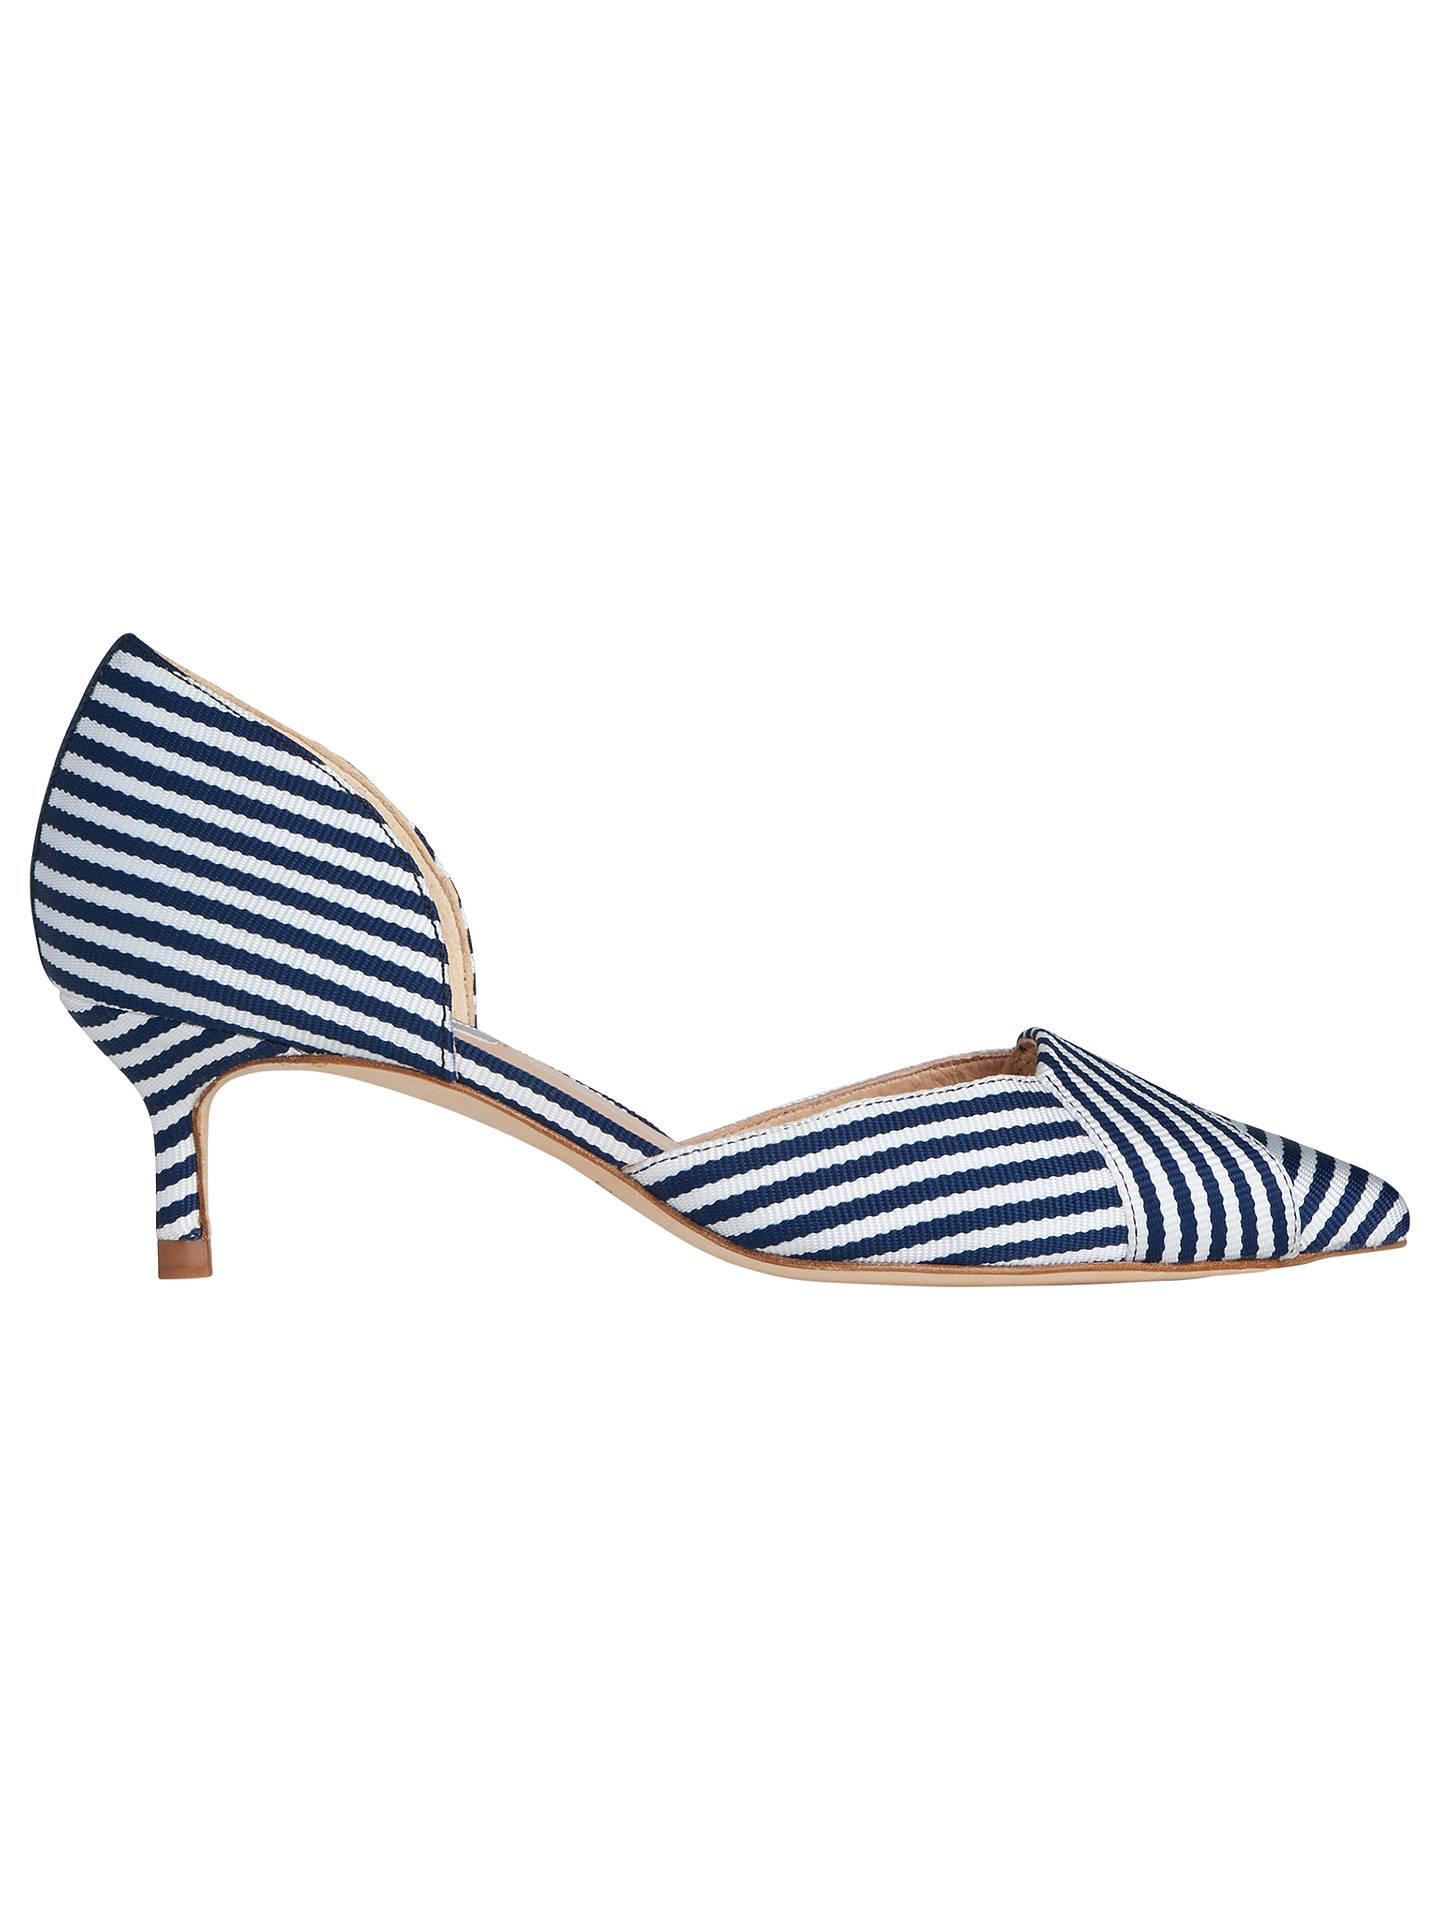 16ccae08685 Buy L.K.Bennett Steph Two Part Kitten Heel Court Shoes